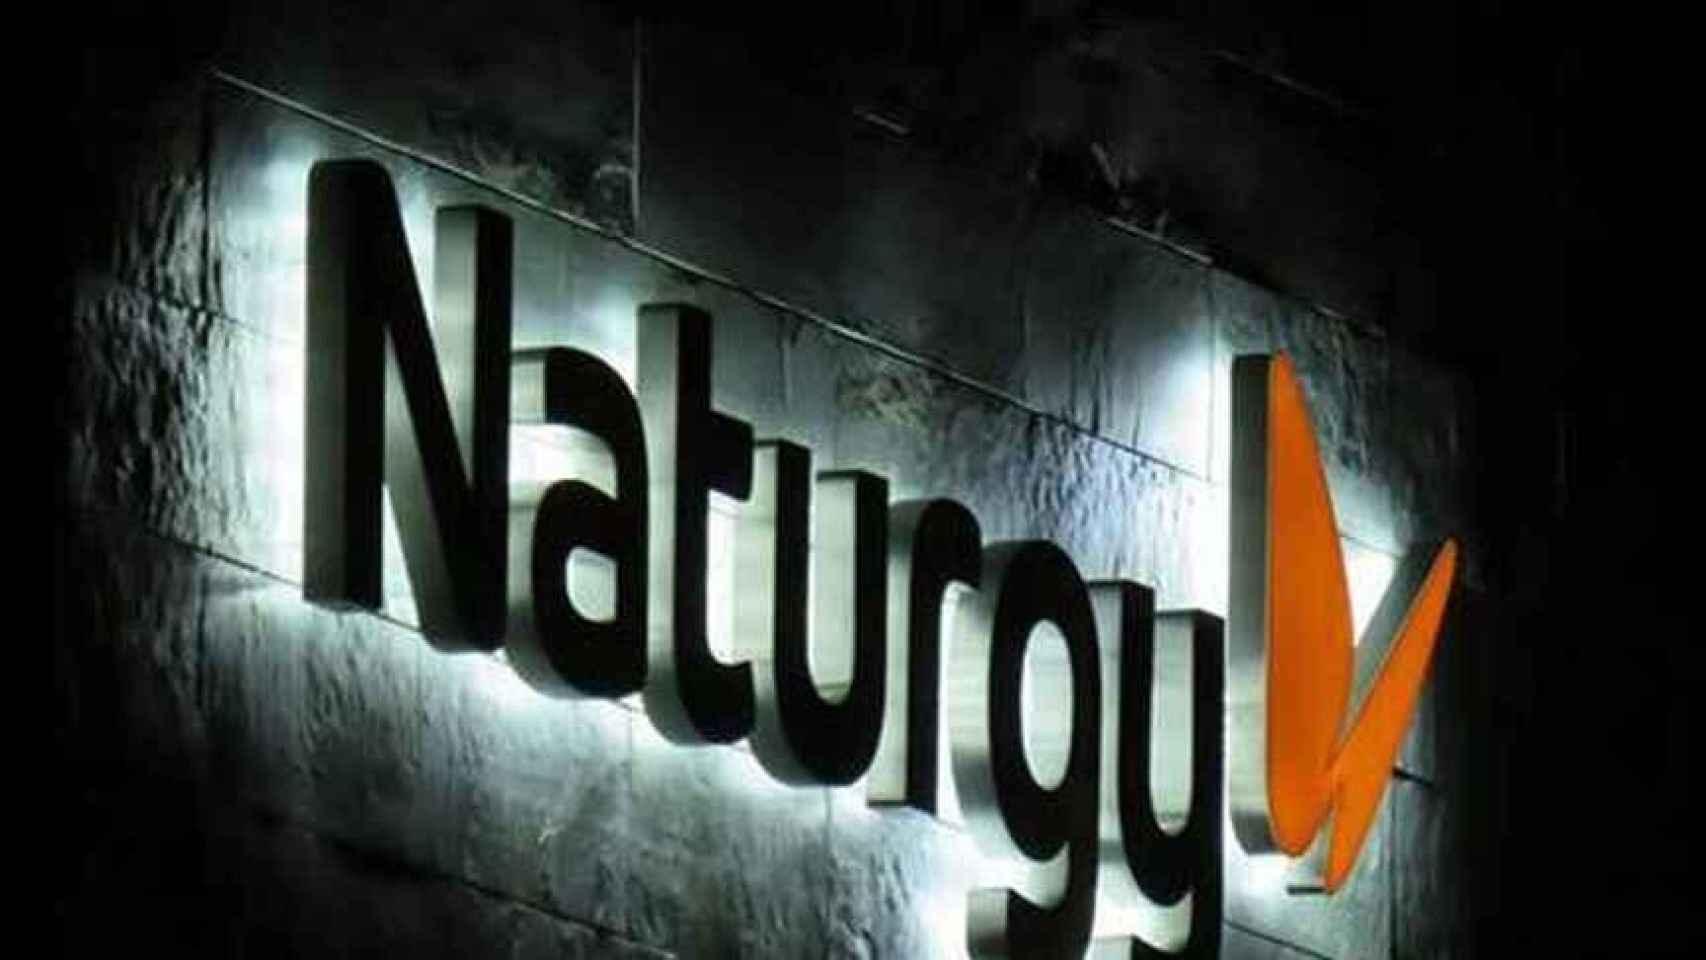 Naturgy obtiene el suministro eléctrico del Museo del Prado por más de 2 millones